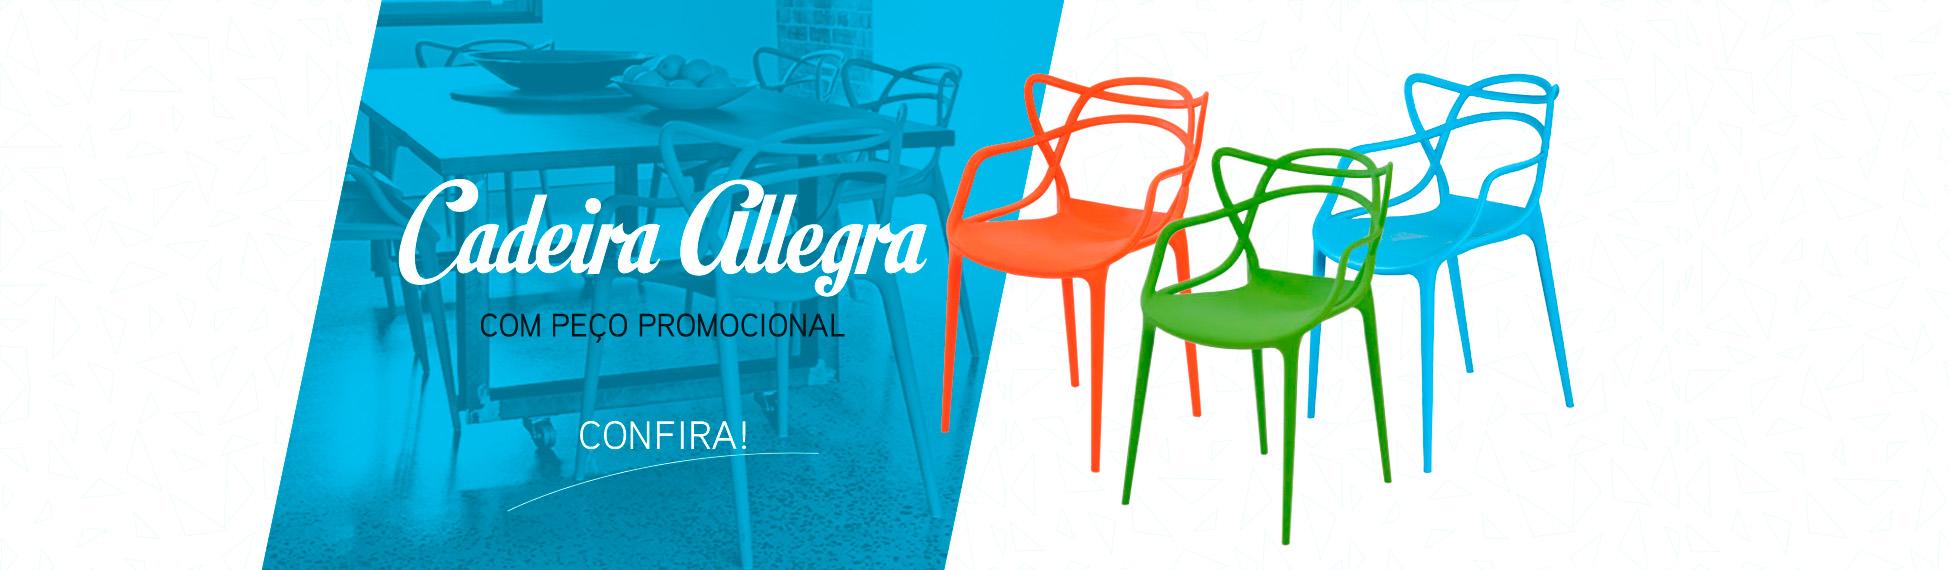 banner cadeira acapulco